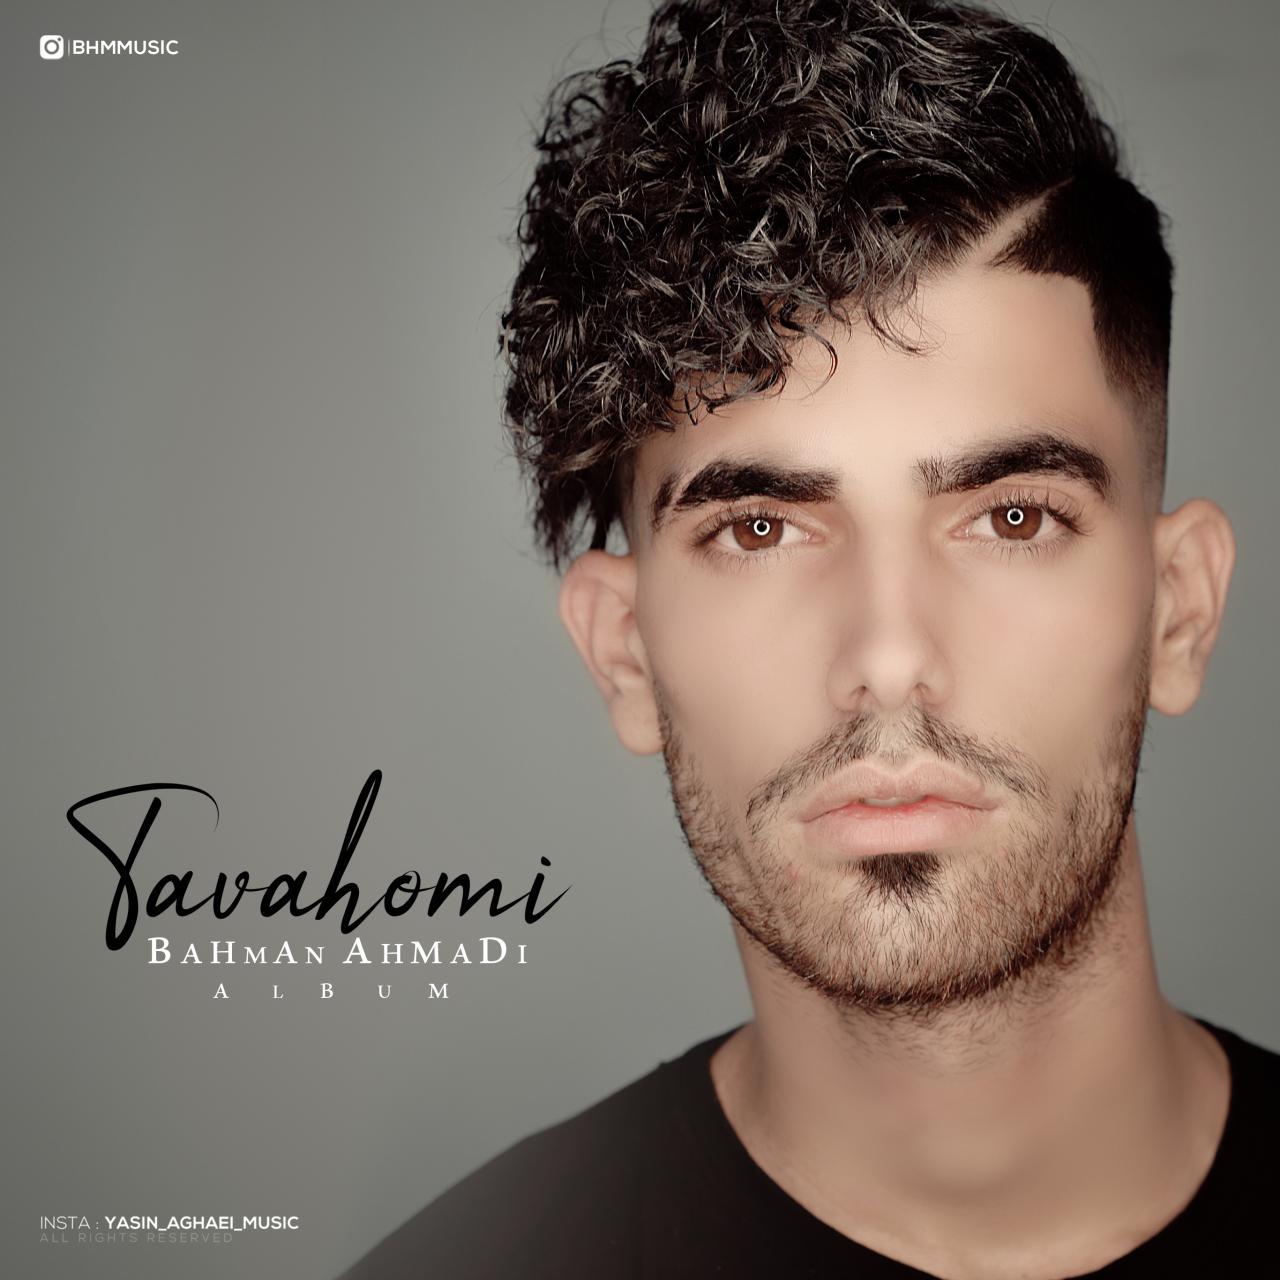 دانلود آلبوم جدید بهمن احمدی به نام توهمی